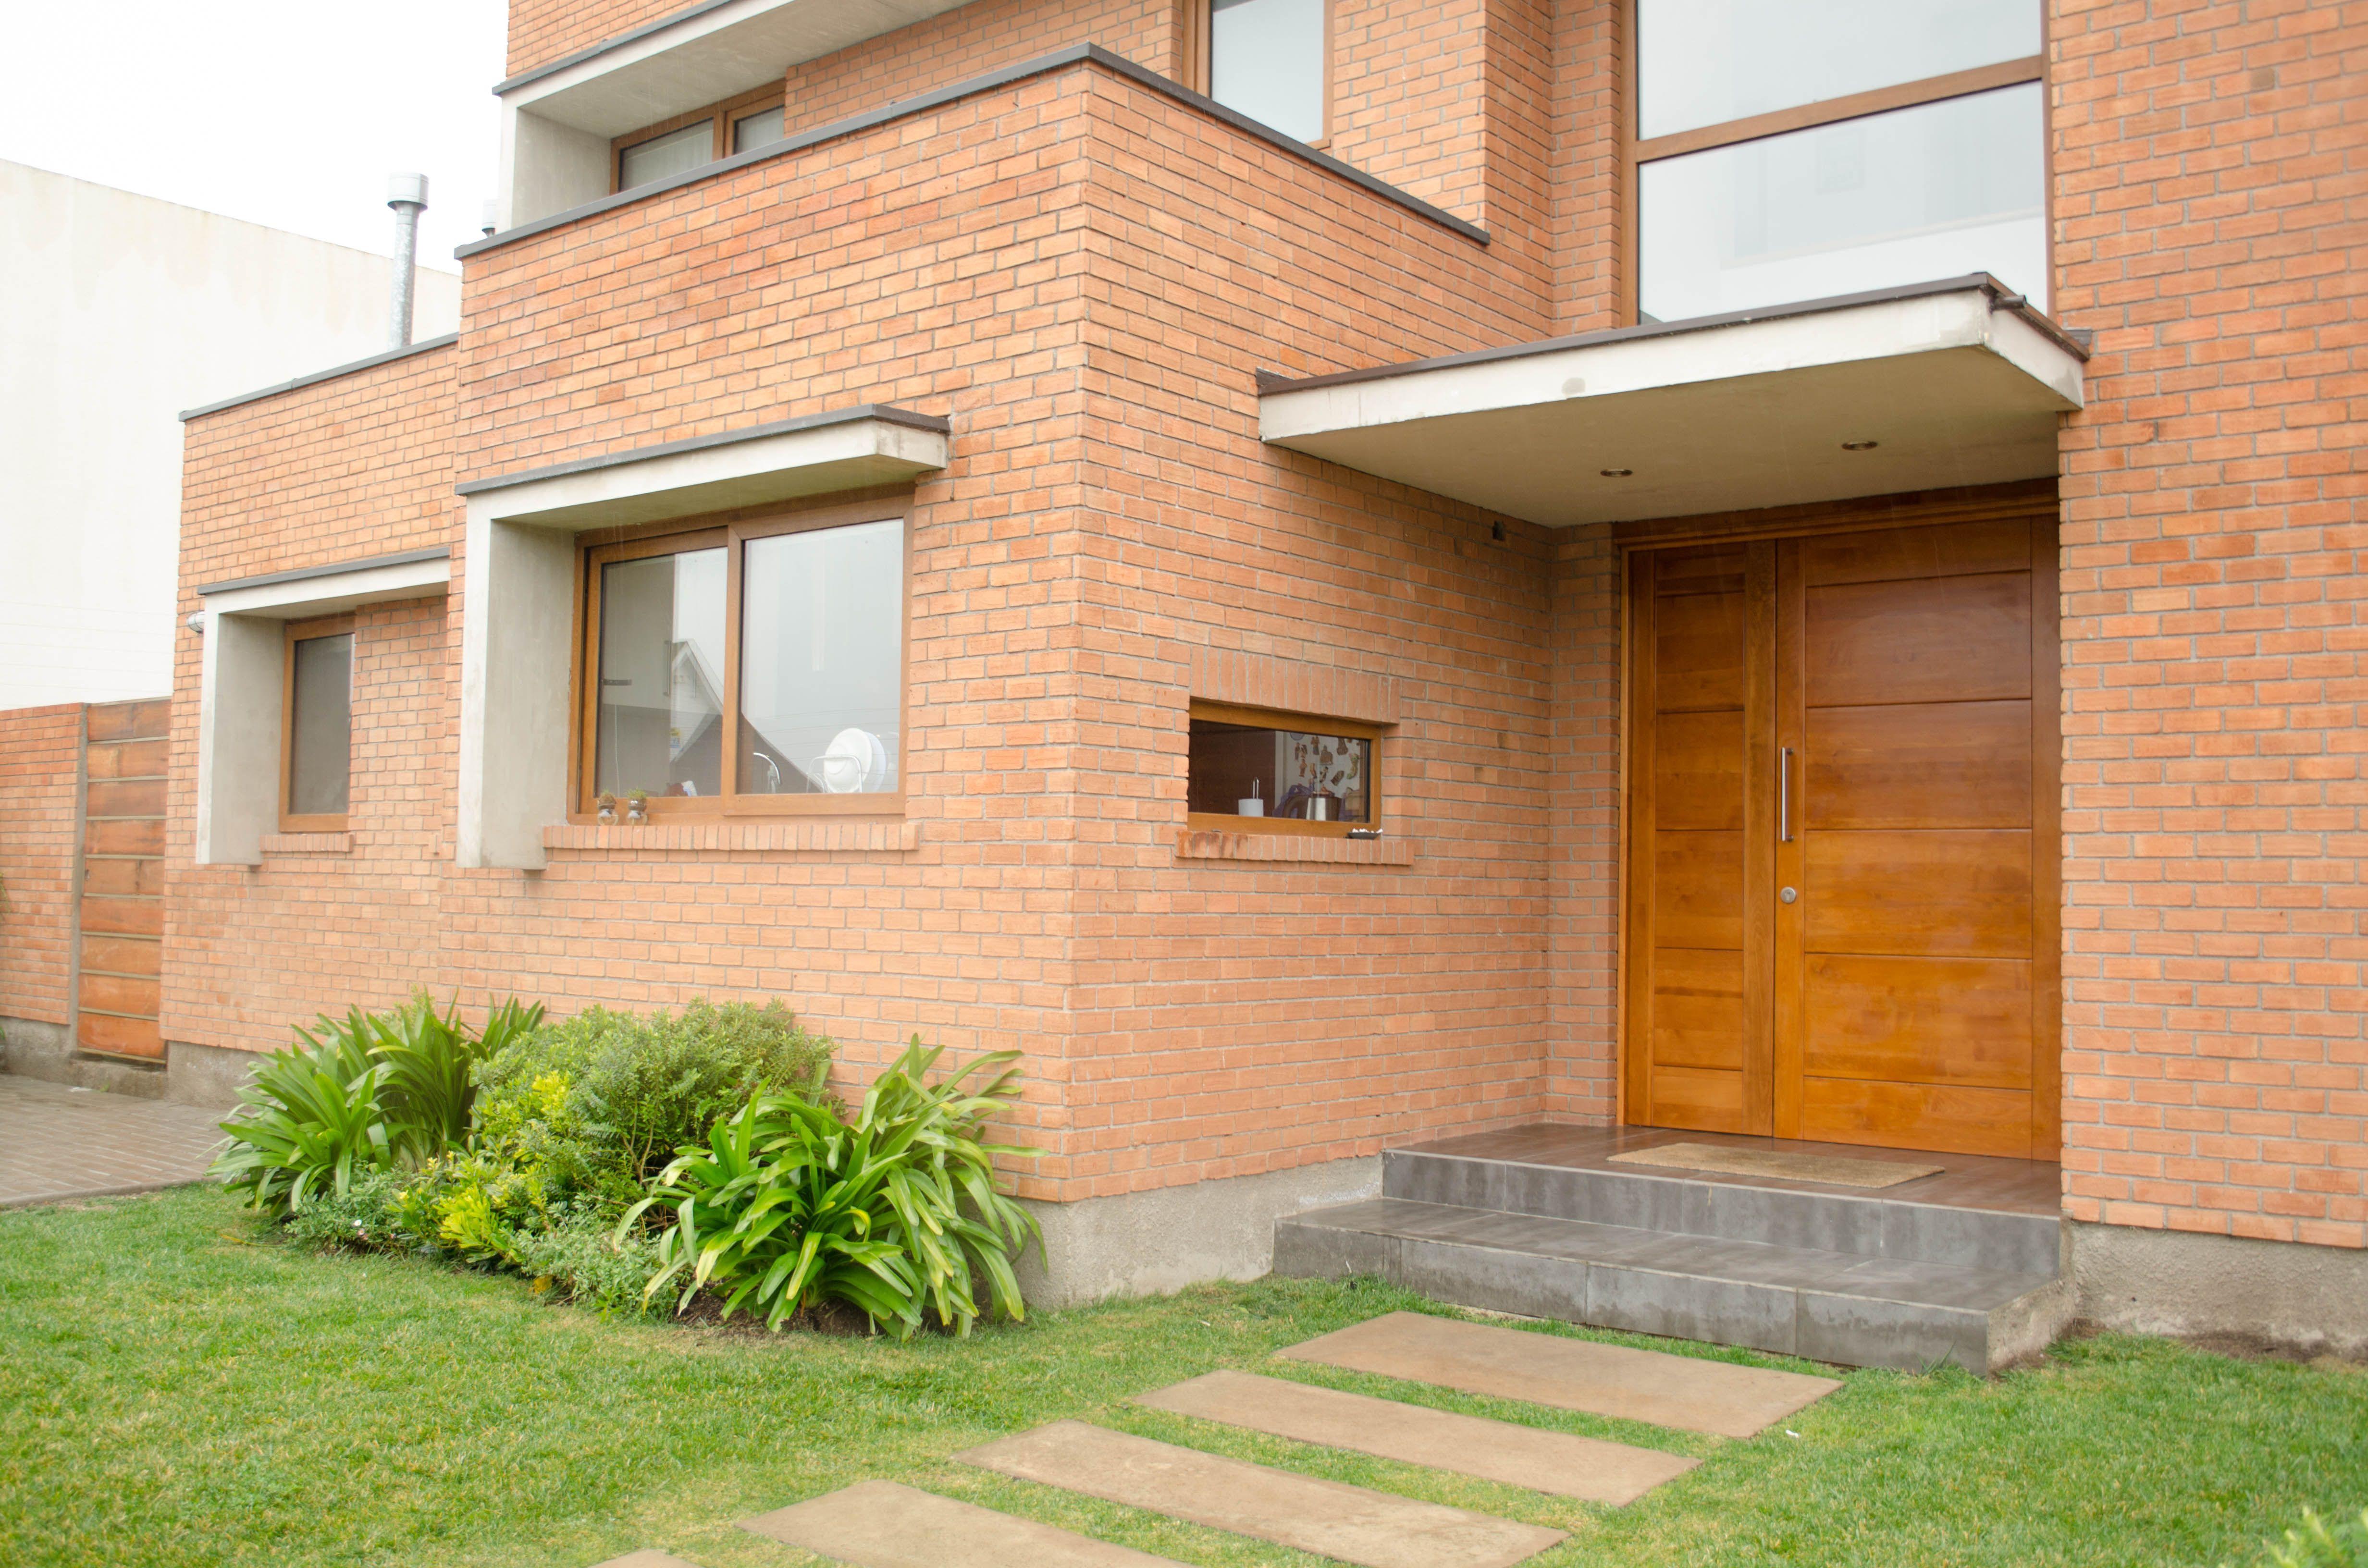 Puerta Moderna en Madera Sólida de Lenga Solid Modern Wood Door in ...